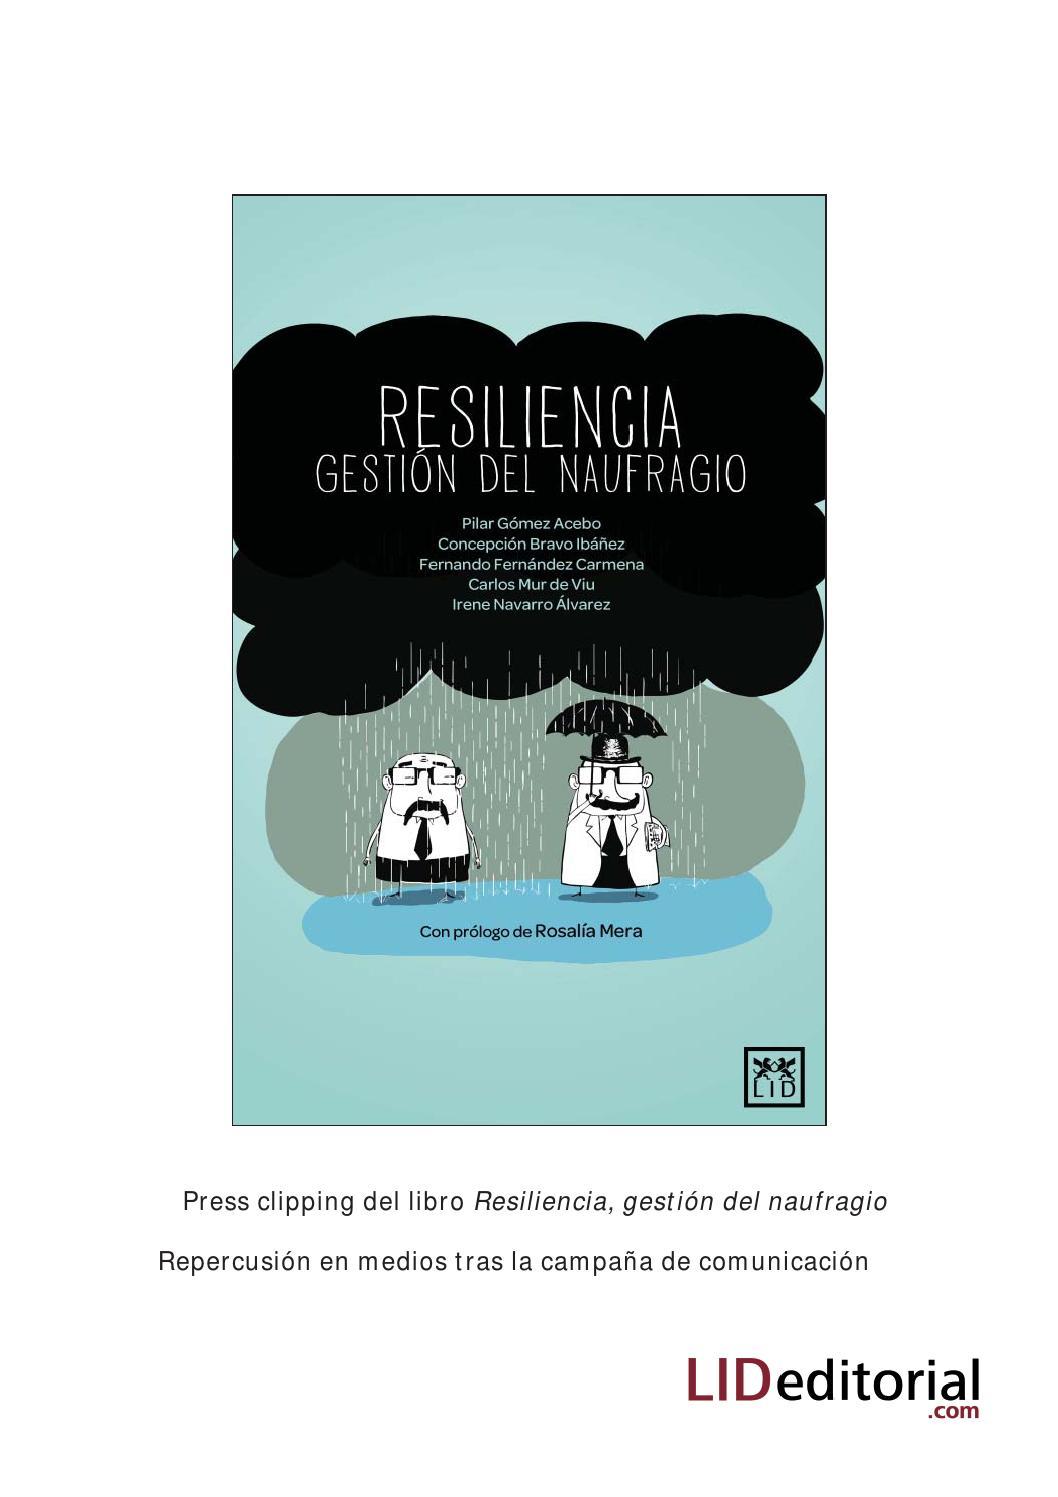 del LID clipping by Resilienciagestión naufragioPress PkXZiu